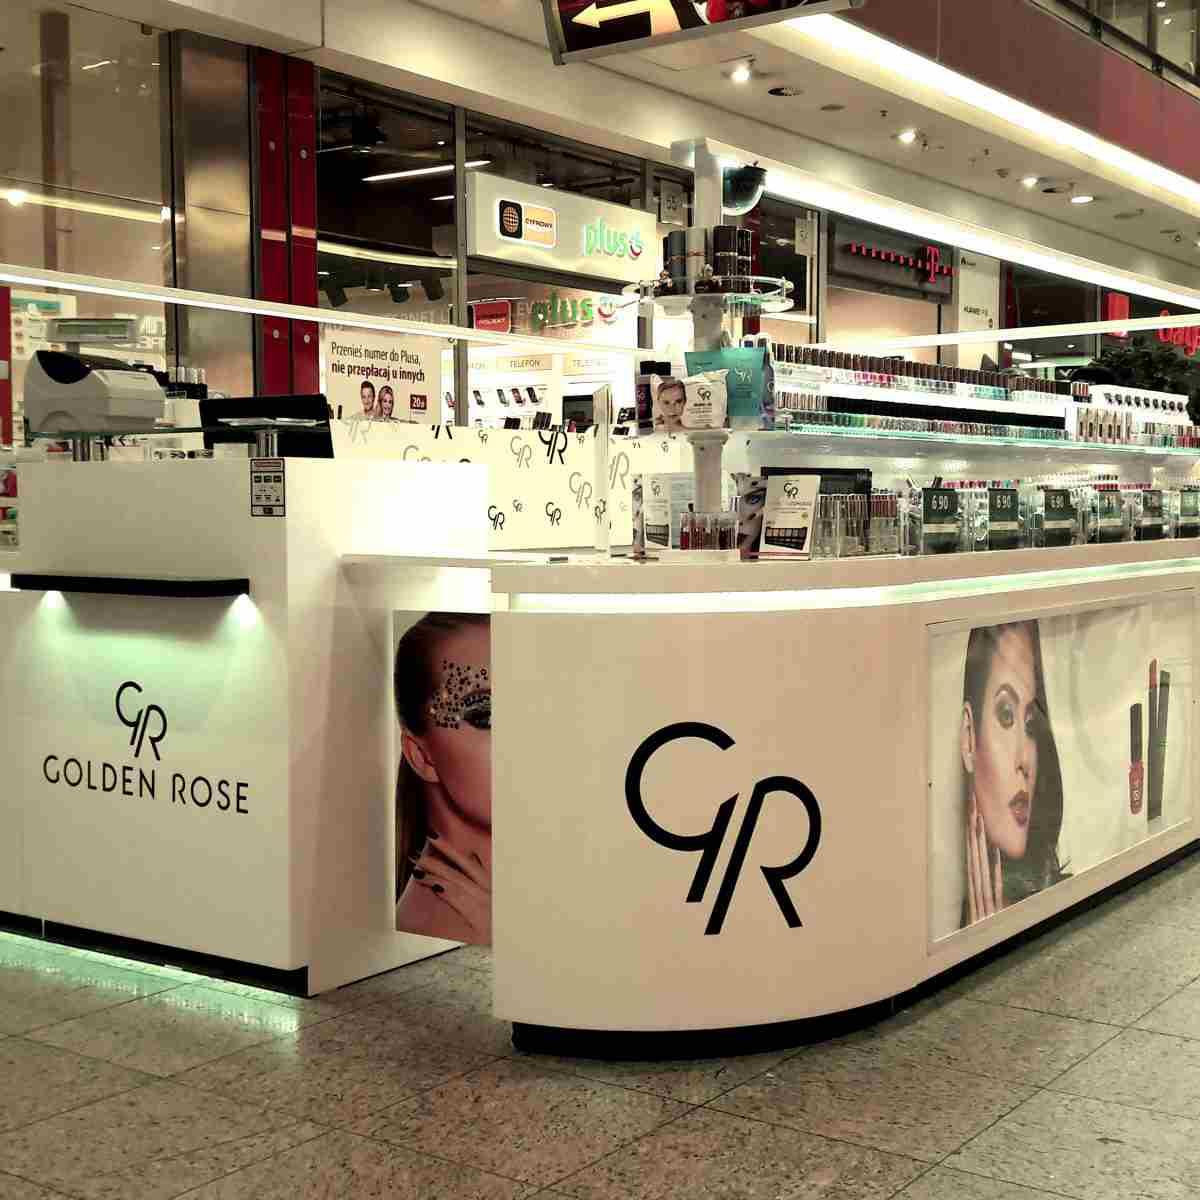 Gorący news! Kolejne stoisko Golden Rose w Galerii Krakowskiej! To już nasz 3 punkt w Krakowie!